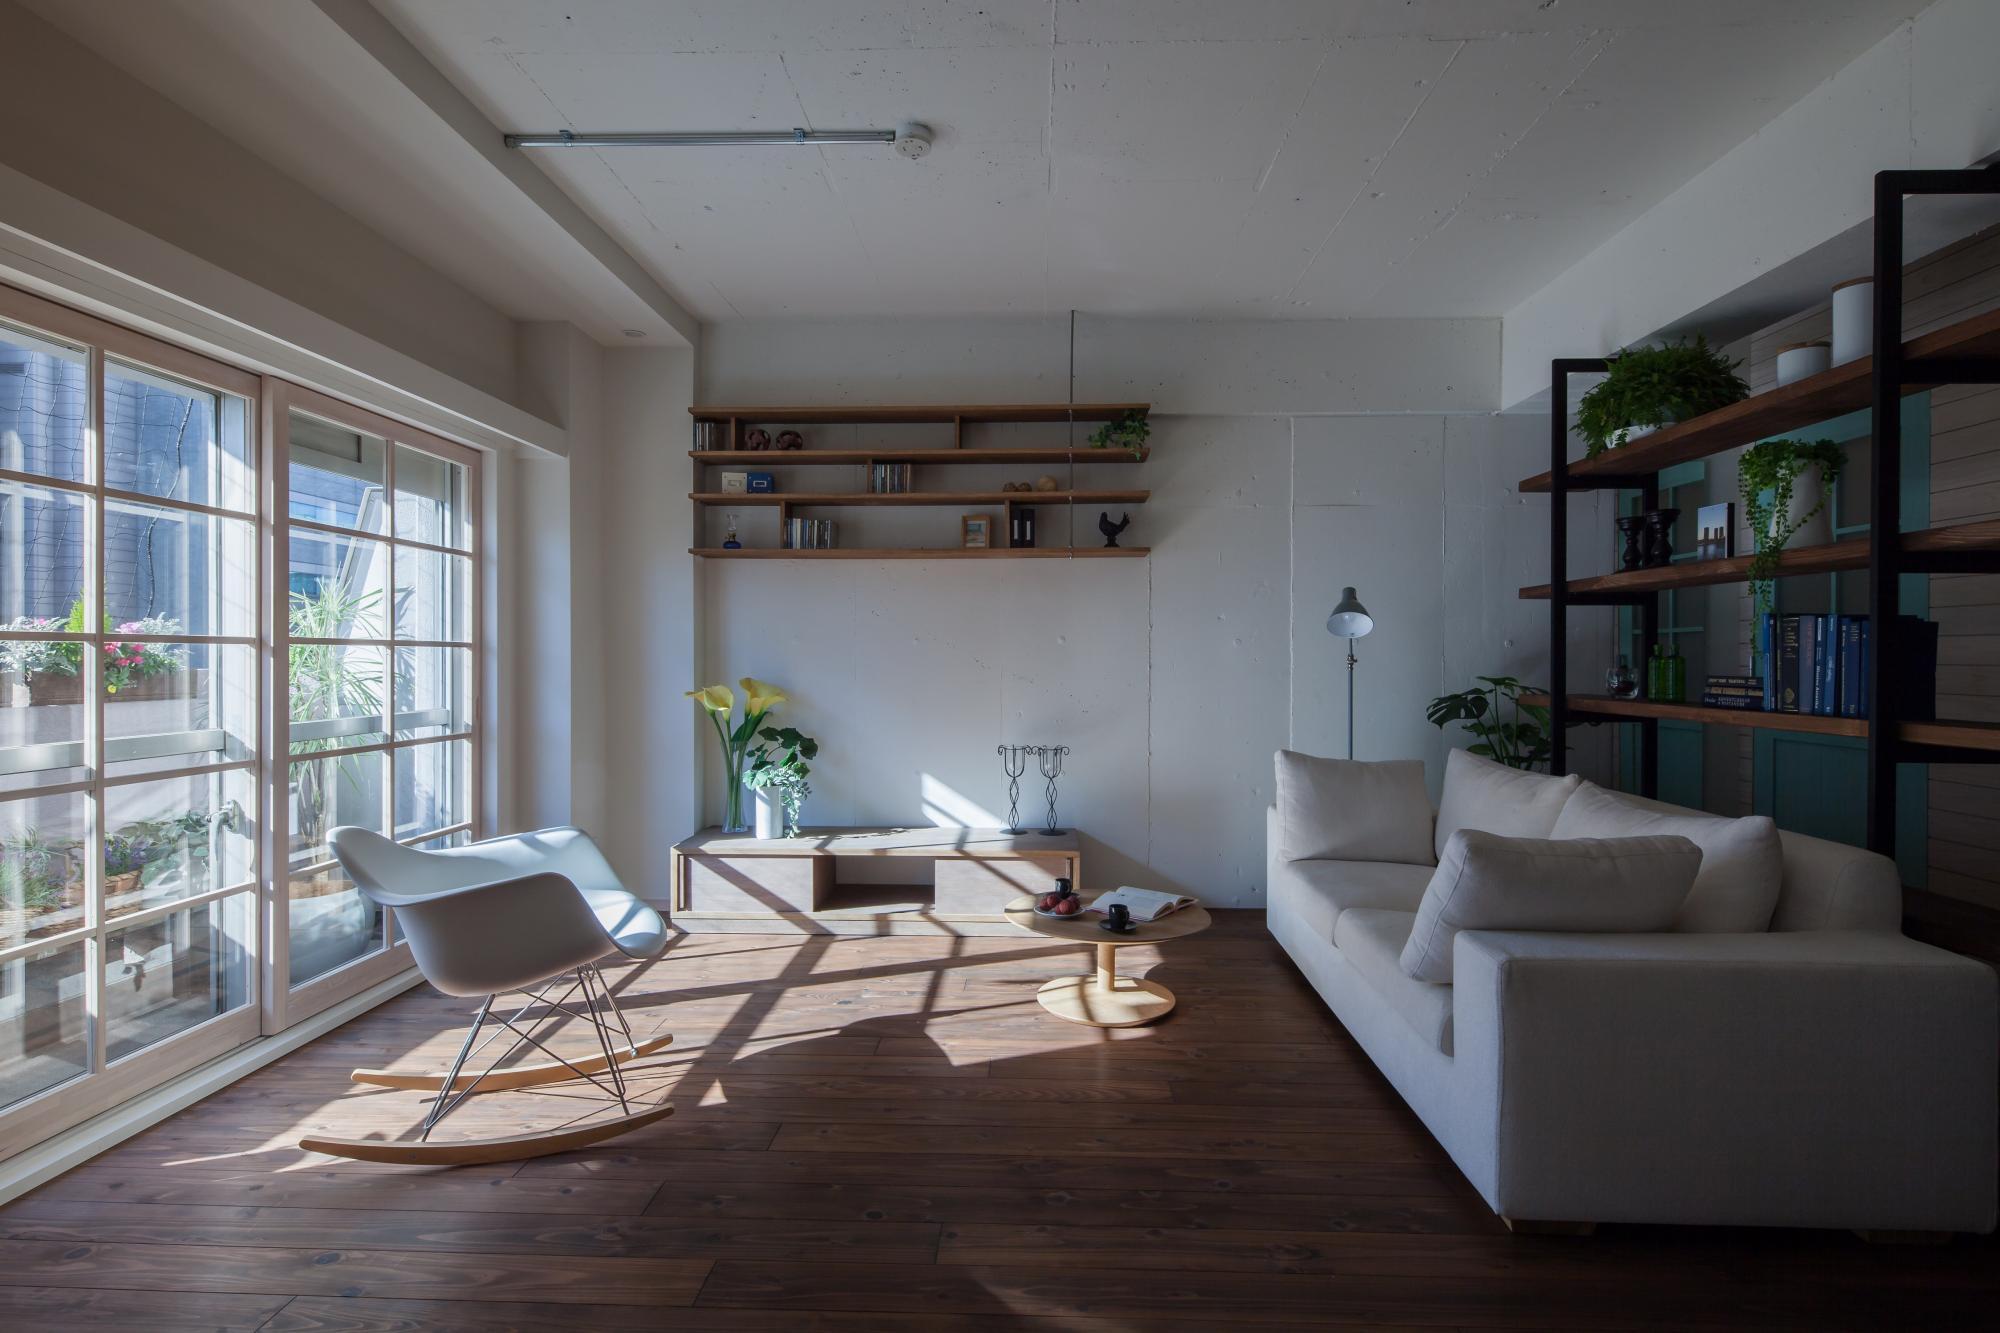 「断熱補強」による温熱環境の改善   この写真は弊社が手がけたリノベーション事例になります。   シンプルでモダンなスッキリとしたデザインで、壁や天井はコンクリート直接塗装する仕上げ、鋼管を利用した電気配線など、リノベーションの事例としては見かけるデザインテイストも散見されます。   一見、デザイン・オリエンテッドな事例写真の様にも受け取れますが、この1枚の写真の中にも、エコミックスデザインのノウハウの跡がしっかりと見て取れます。   エコミックススタイルでは、外壁に面している熱環境的に弱点となる部分を徹底的に補強いたします。特に、忘れがちなのが外壁に面した内壁部分です。この部分は熱橋(ヒートブリッジ)と言われ、外気で熱せられたり冷やされた熱を、部屋の中まで橋渡してしまう部分となります。   目に見える、窓に対するインナーサッシによる断熱補強とあわせて、目には見えてこない壁内の断熱補強もしっかりと行い、見た目のデザインだけではない、本当の「快適さ」に強いこだわりを持っております。